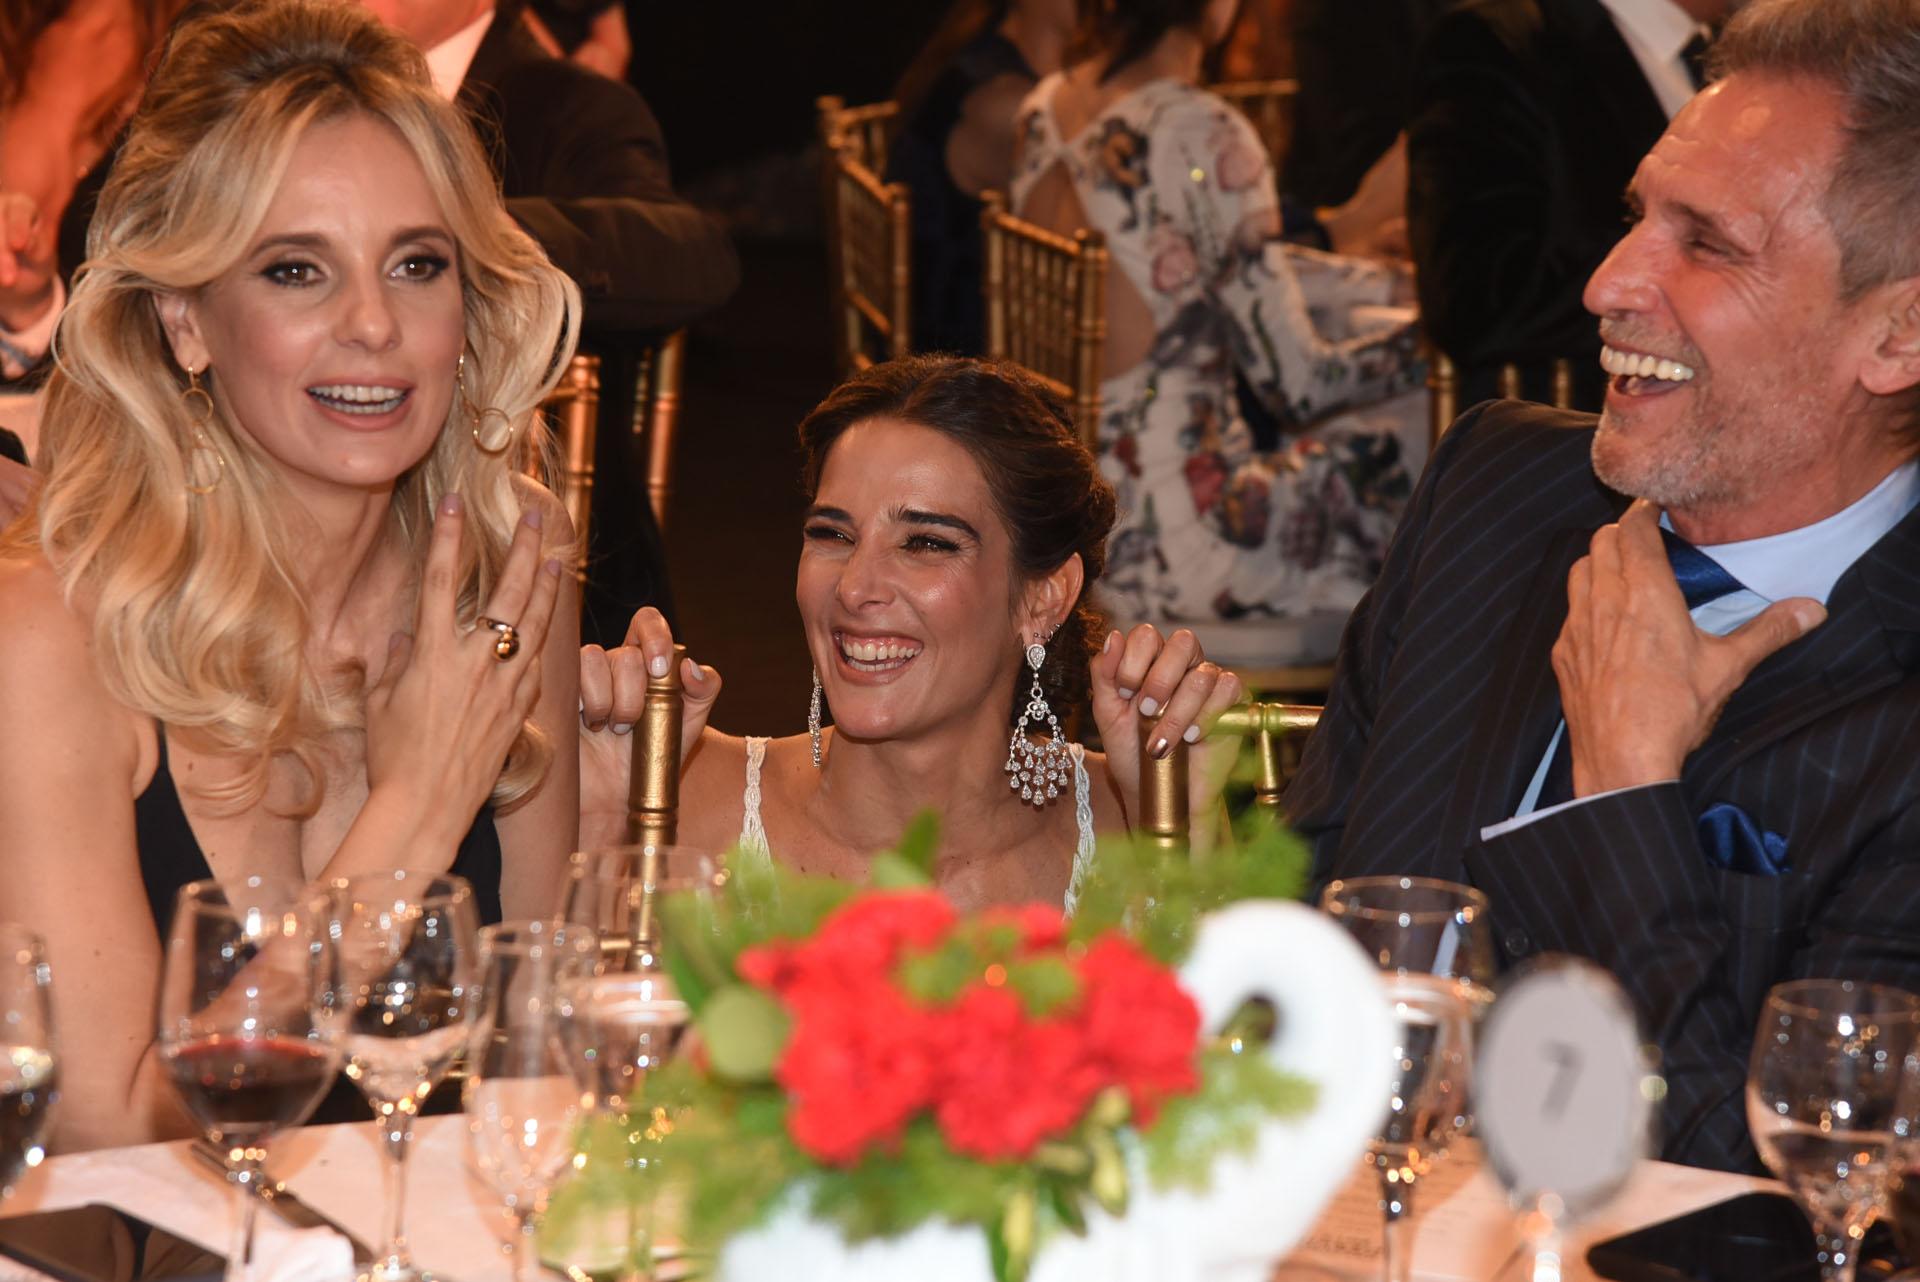 Juana Viale divertida, y agachada, junto a Julieta Cardinali y Raúl Taibo